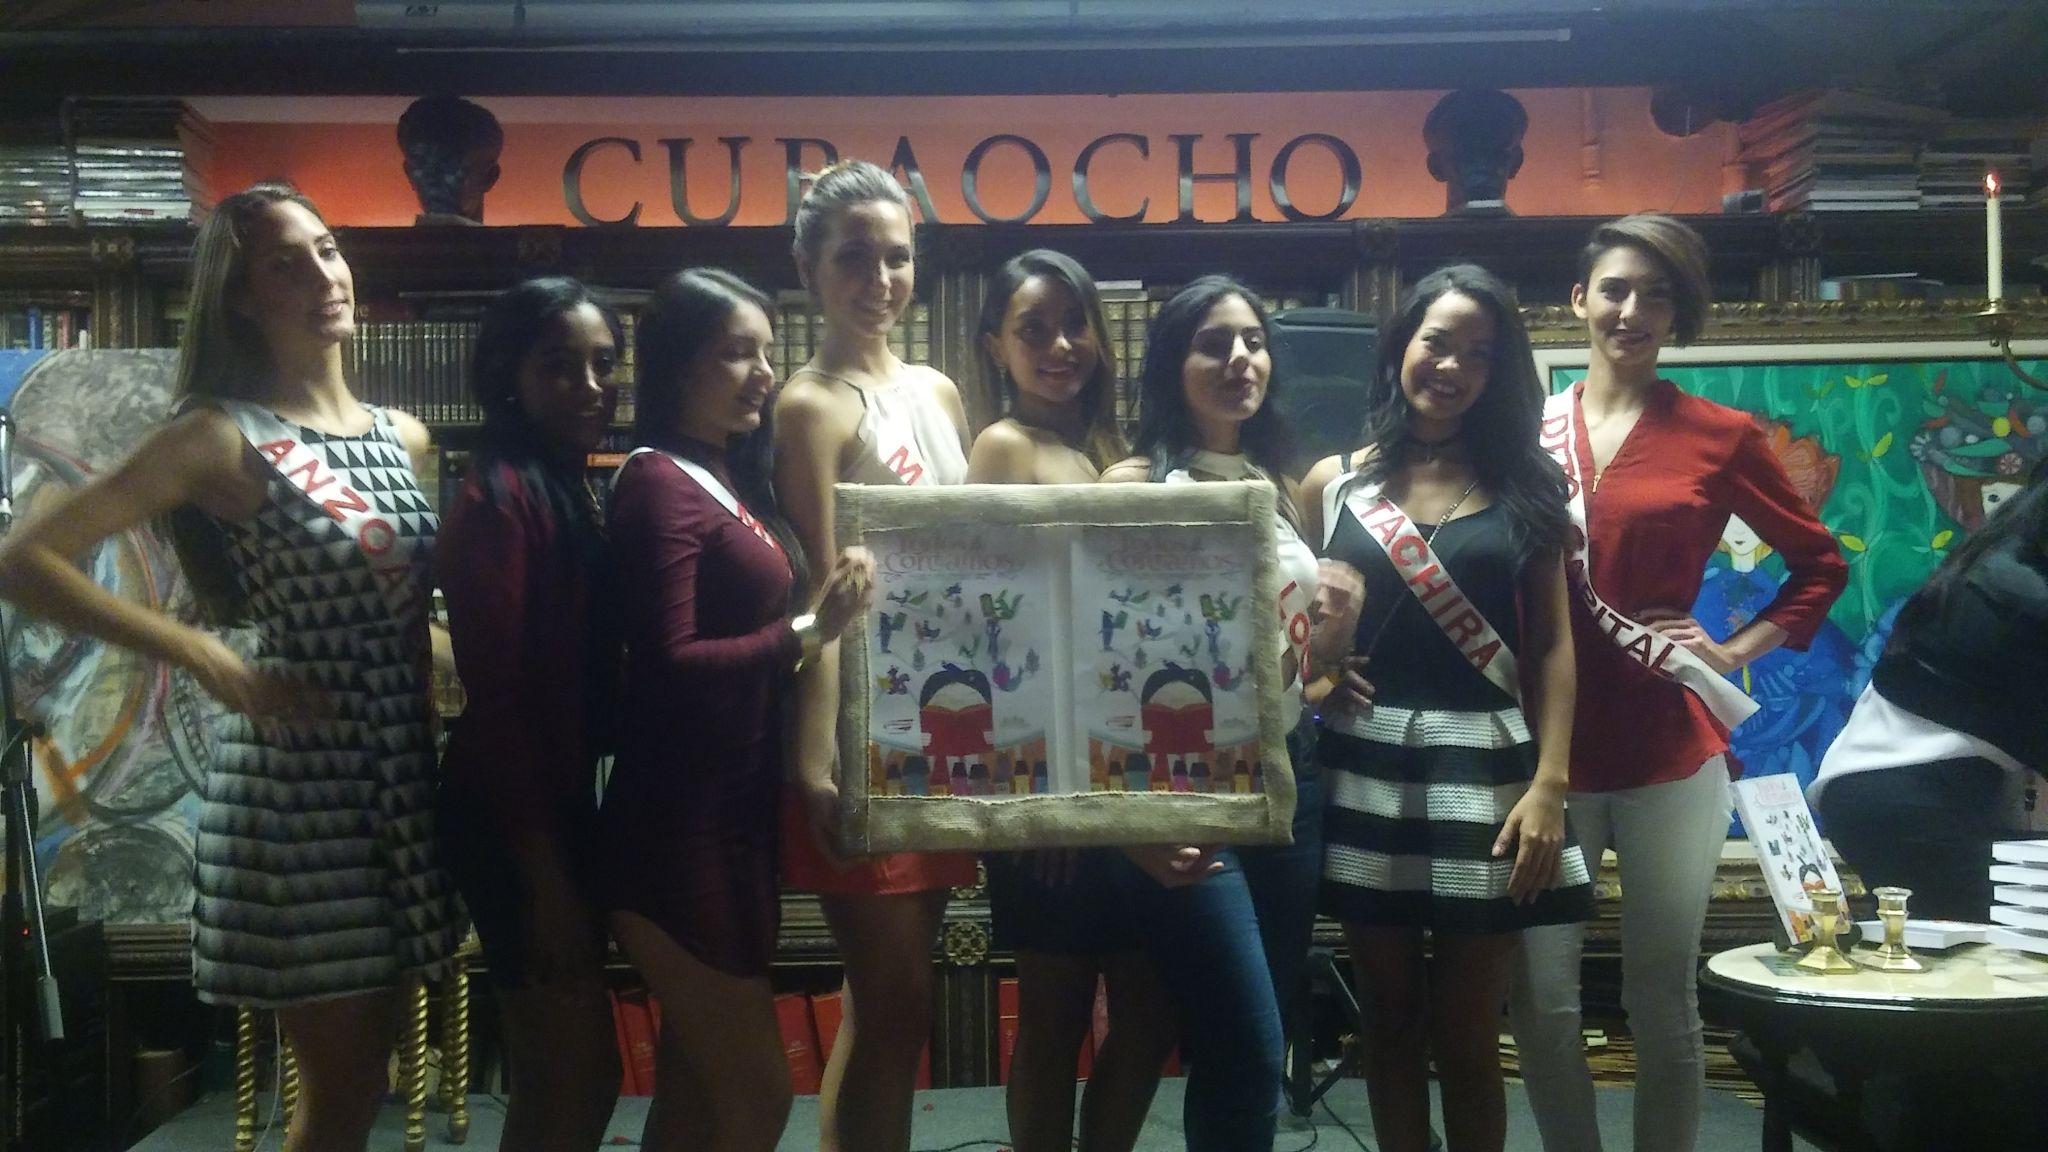 Las candidatas al Mis Venezuela USA, que organiza Leida Álvarez, estuvieron presentes.